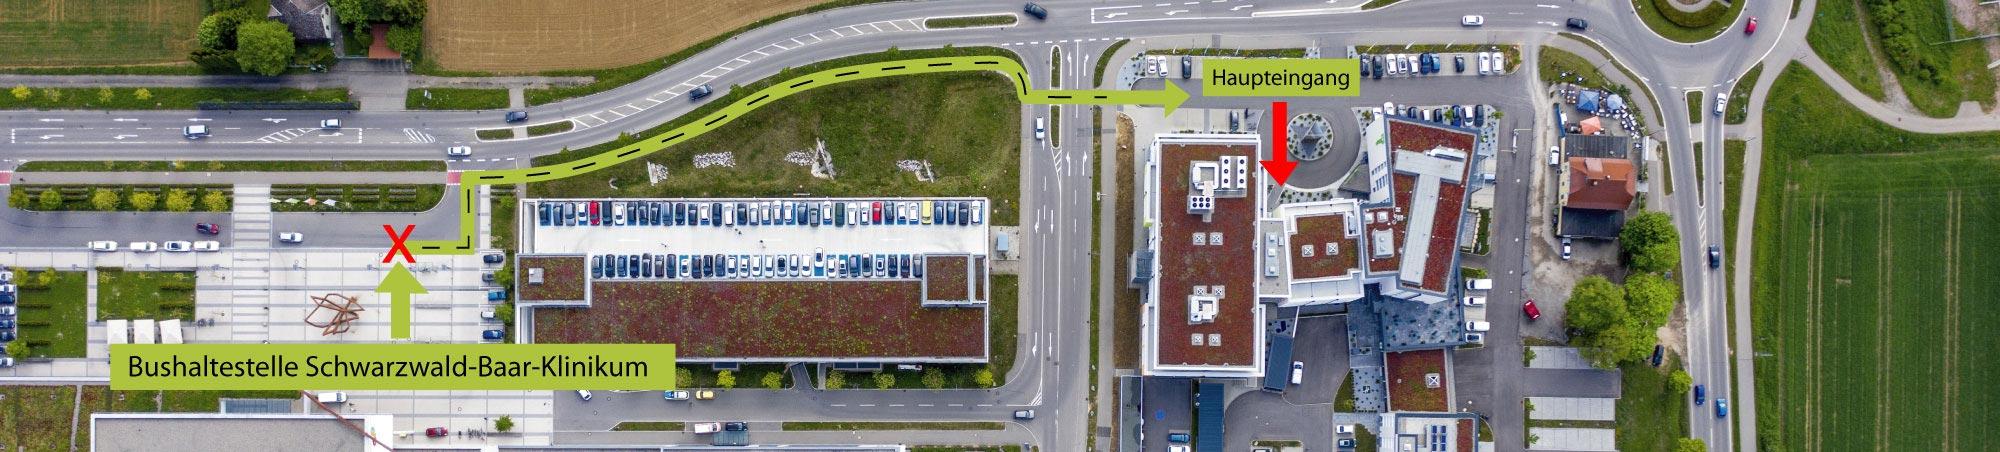 Steigen Sie an der Bushaltestelle Schwarzwald-Baar-Klinikum aus. Laufen Sie auf dem Gehweg vor dem Parkhaus bis zum Holiday Inn Gebäudekomplex.